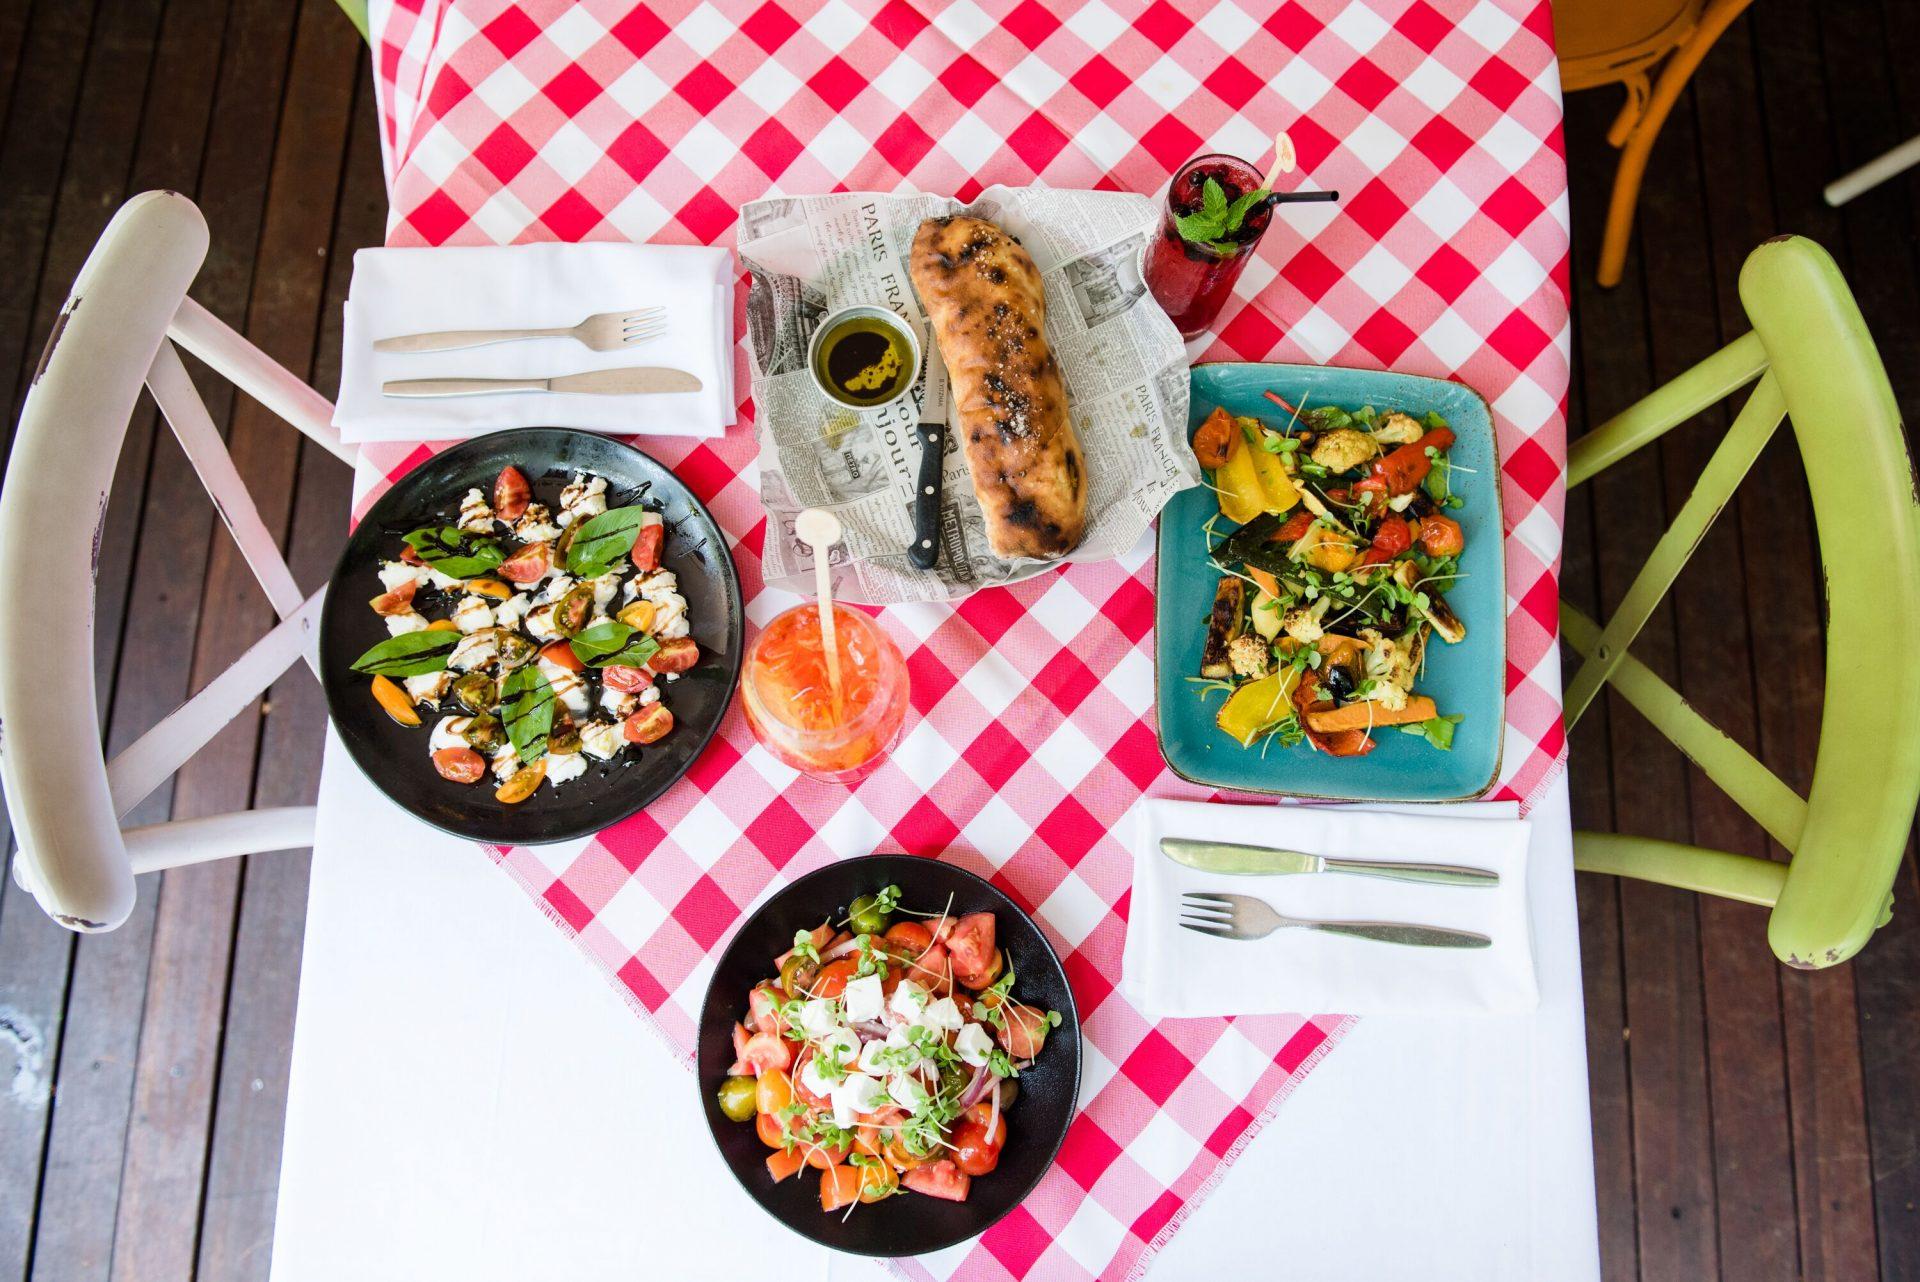 מסעדה איטלקית מומלצת - טאבולה. צילום: נתי חדד